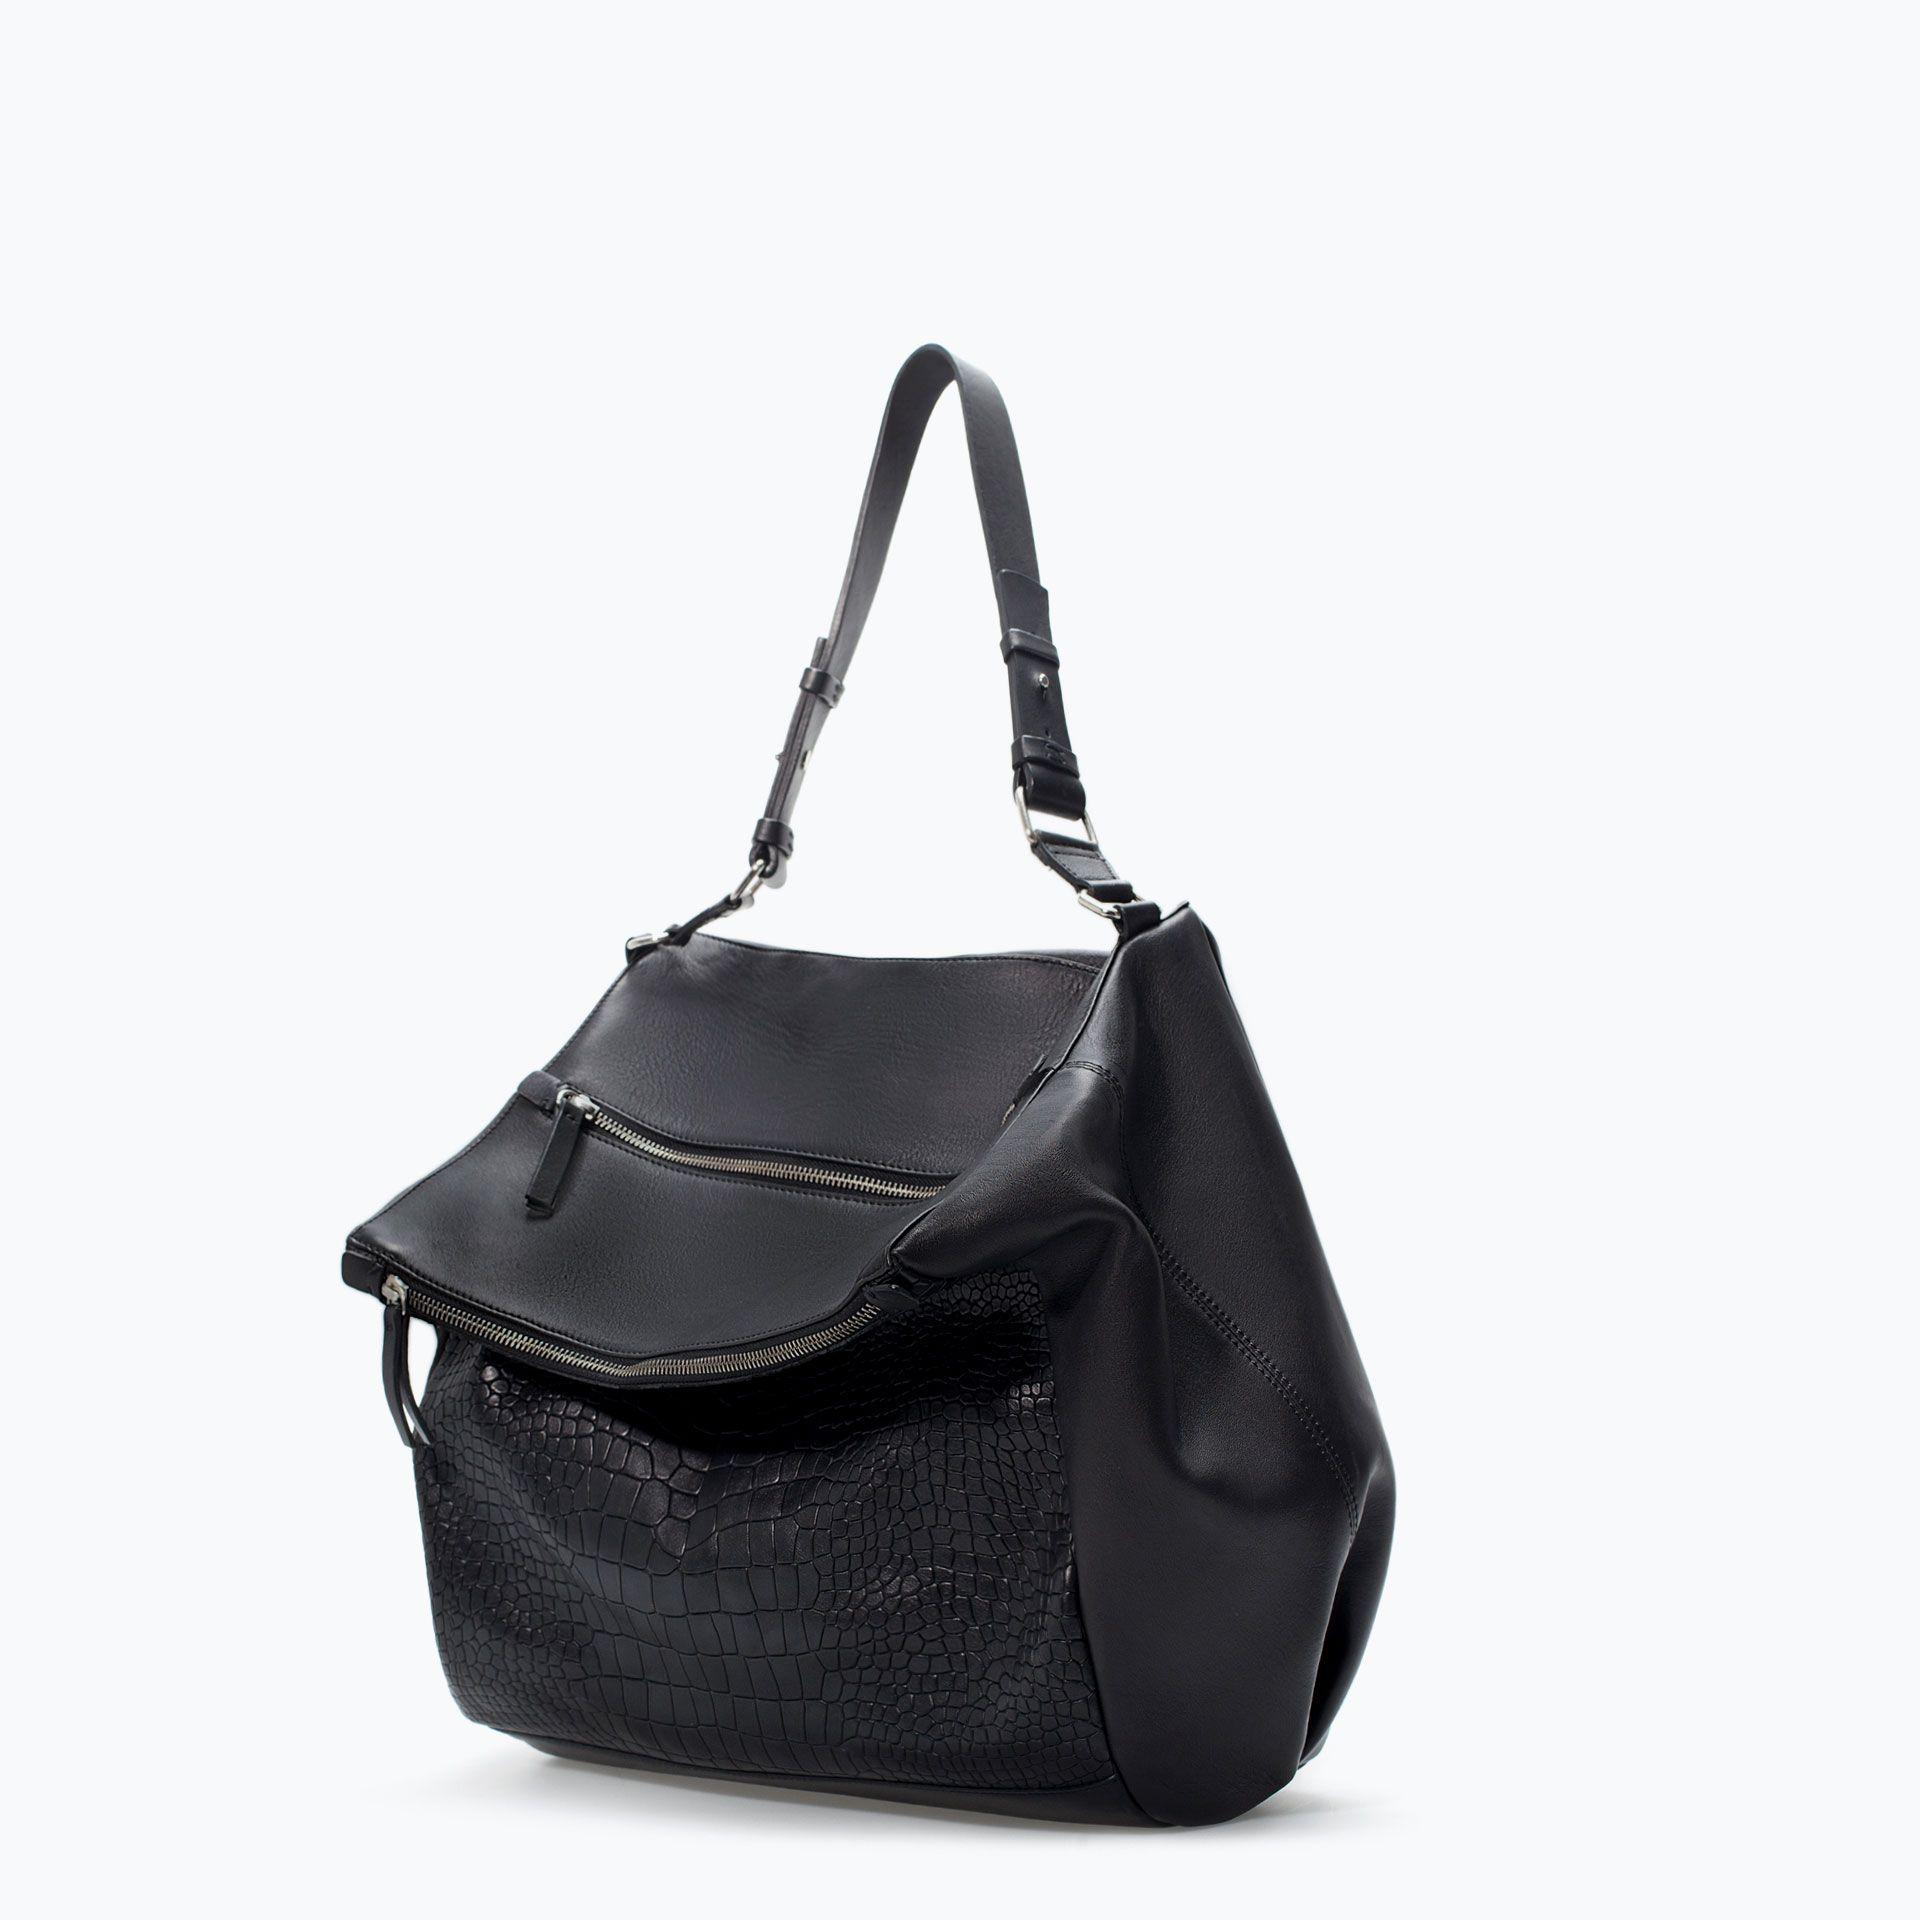 ZIP APPLIQUE LEATHER BUCKET BAG from Zara